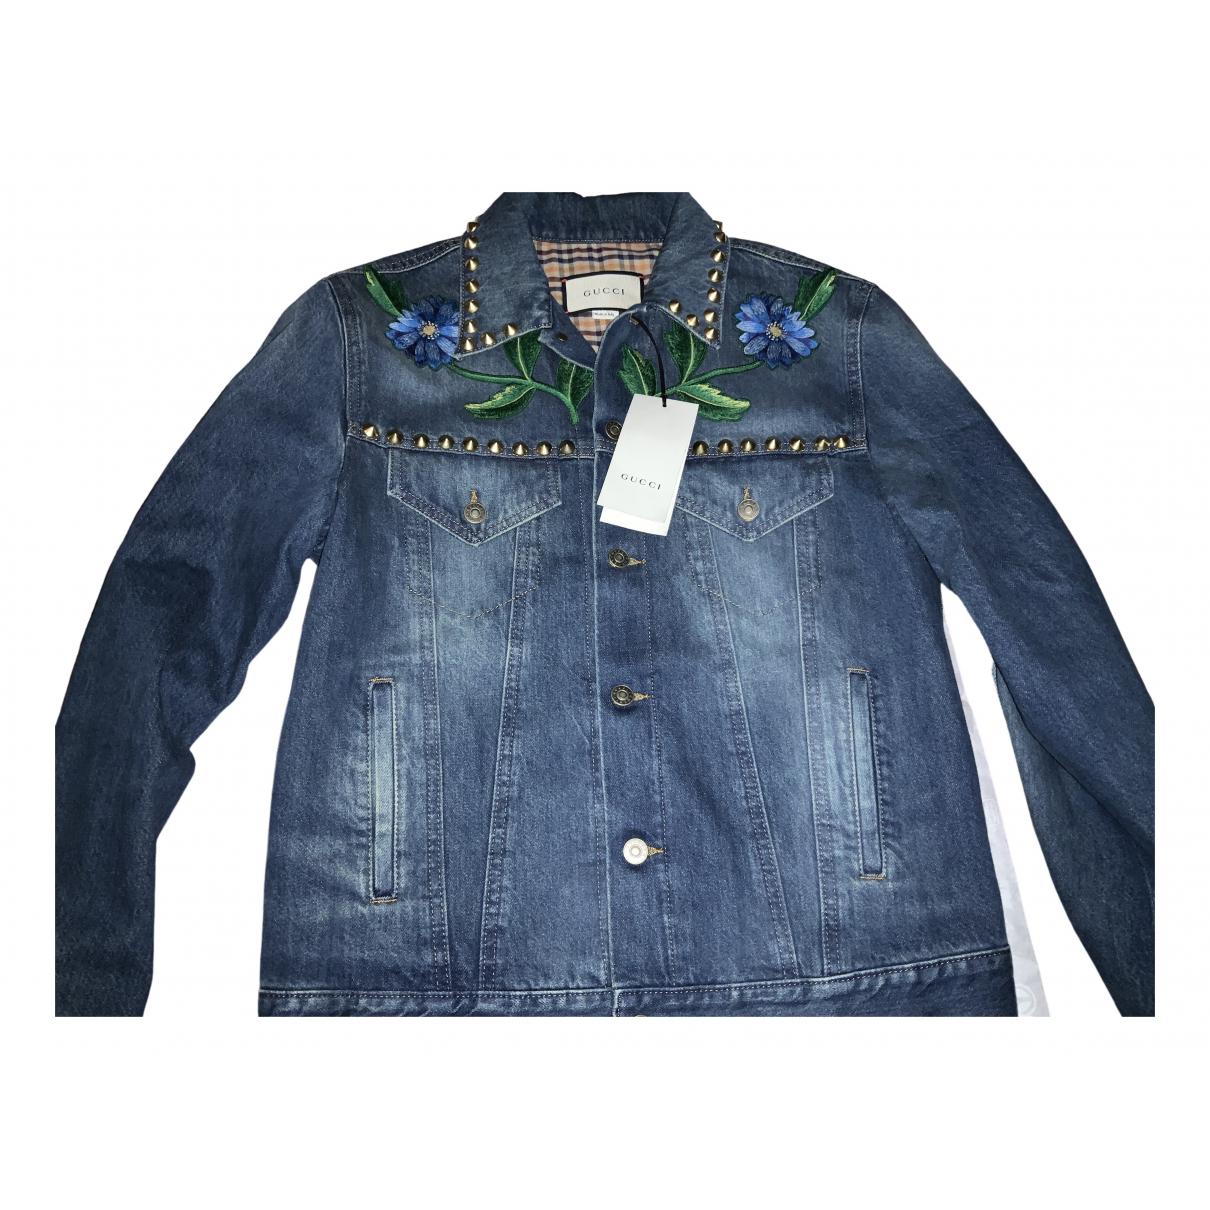 Gucci \N Black Denim - Jeans jacket  for Men 48 IT